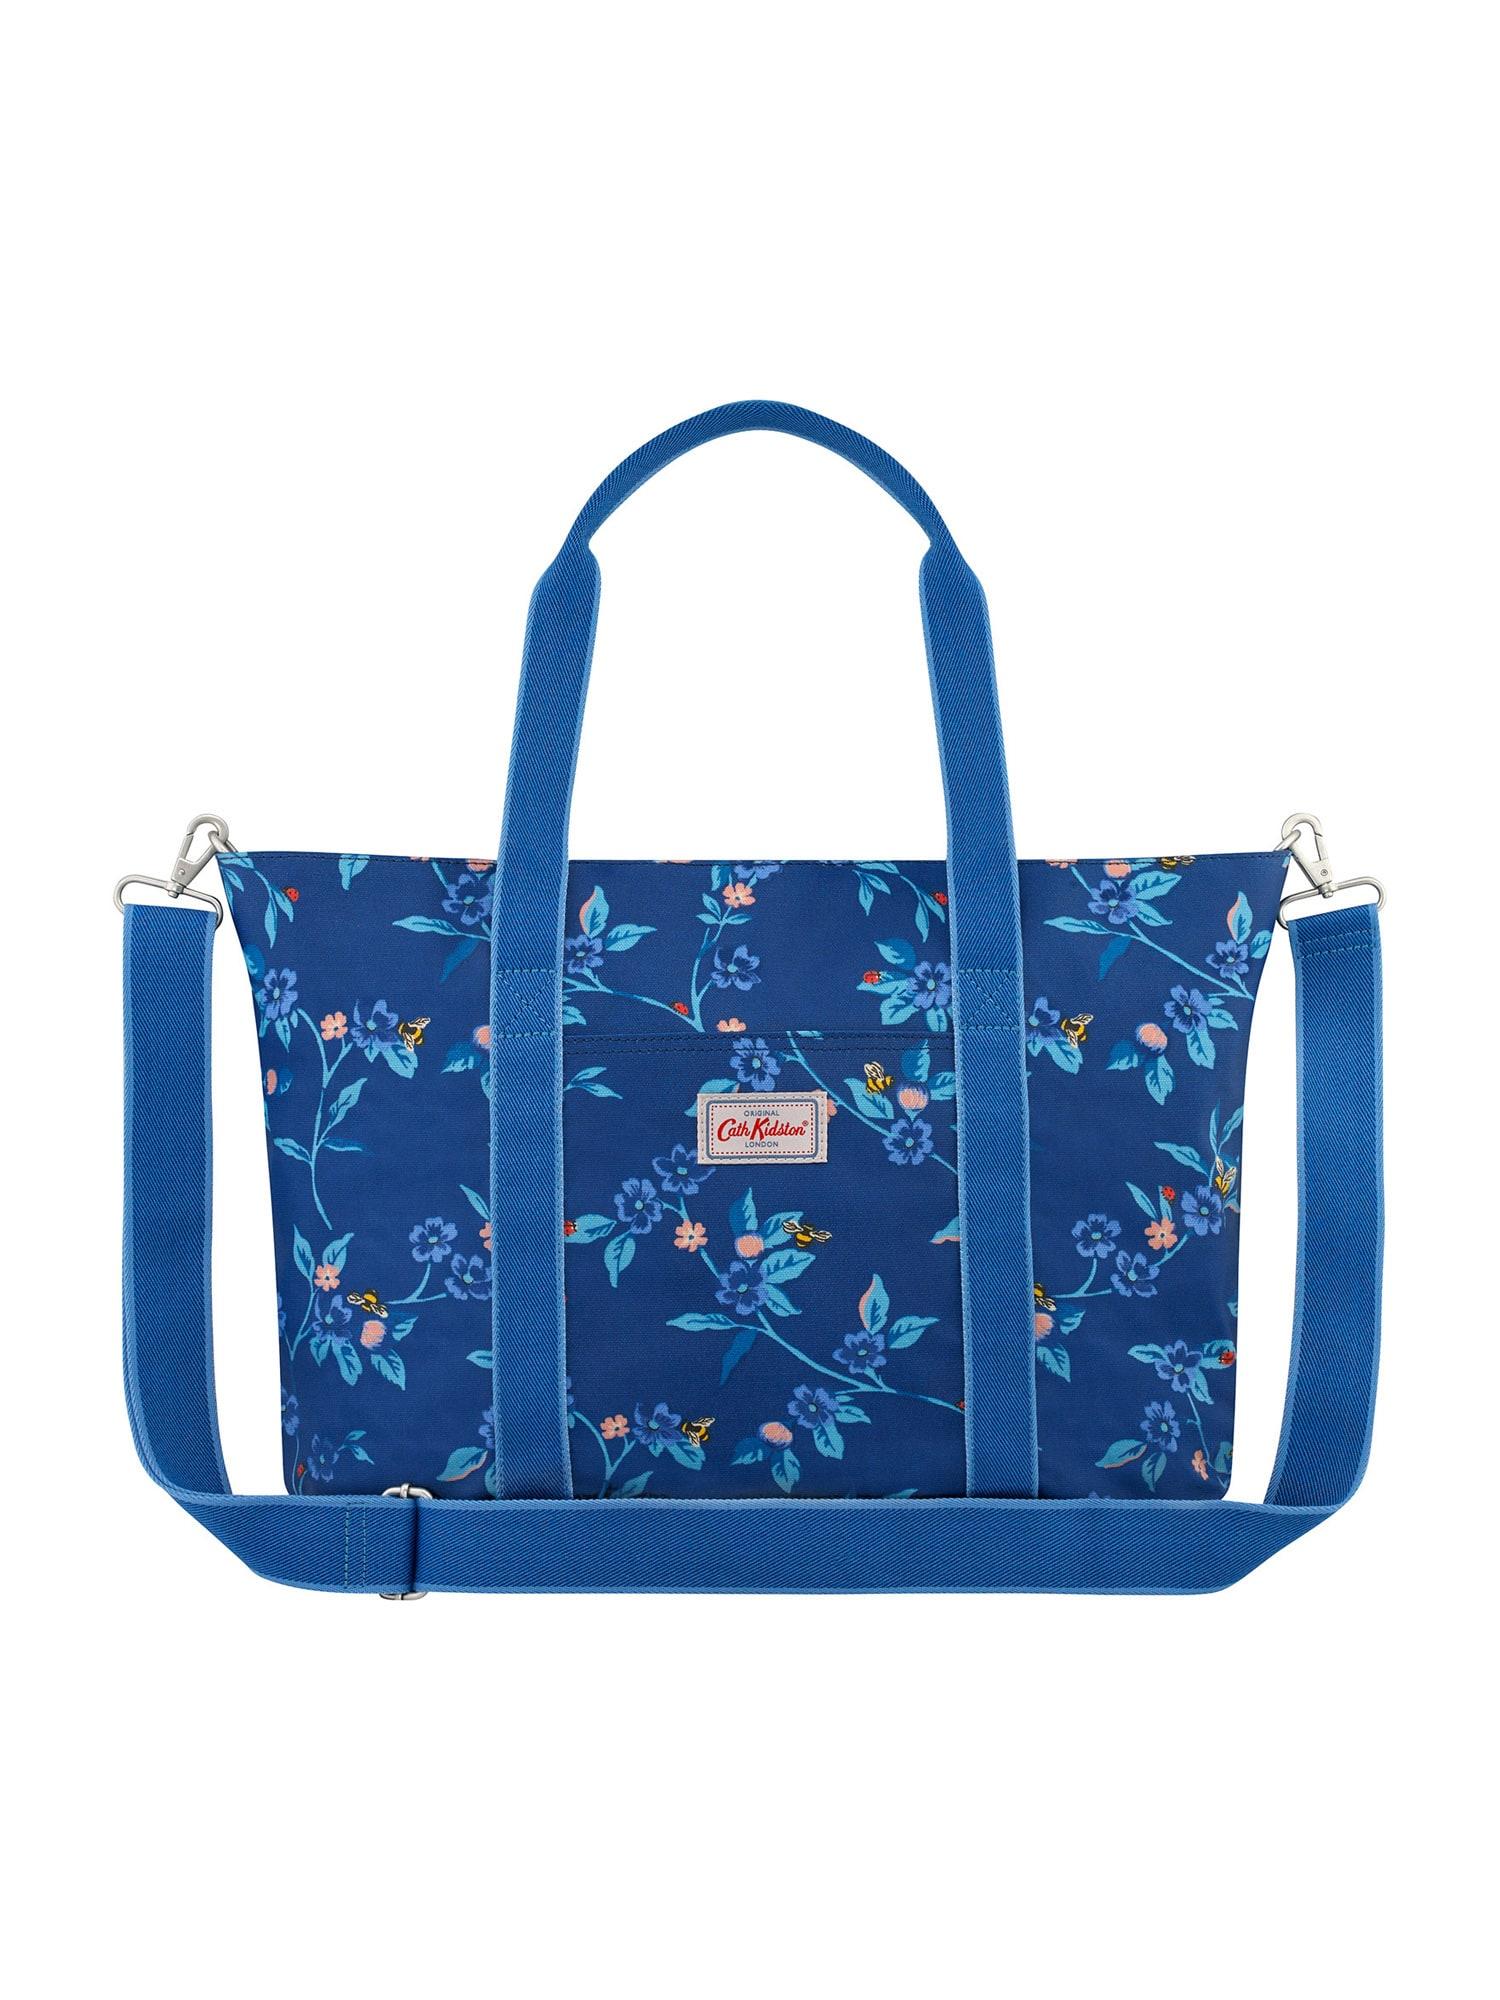 Cath Kidston Mamos krepšys mėlyna / mišrios spalvos